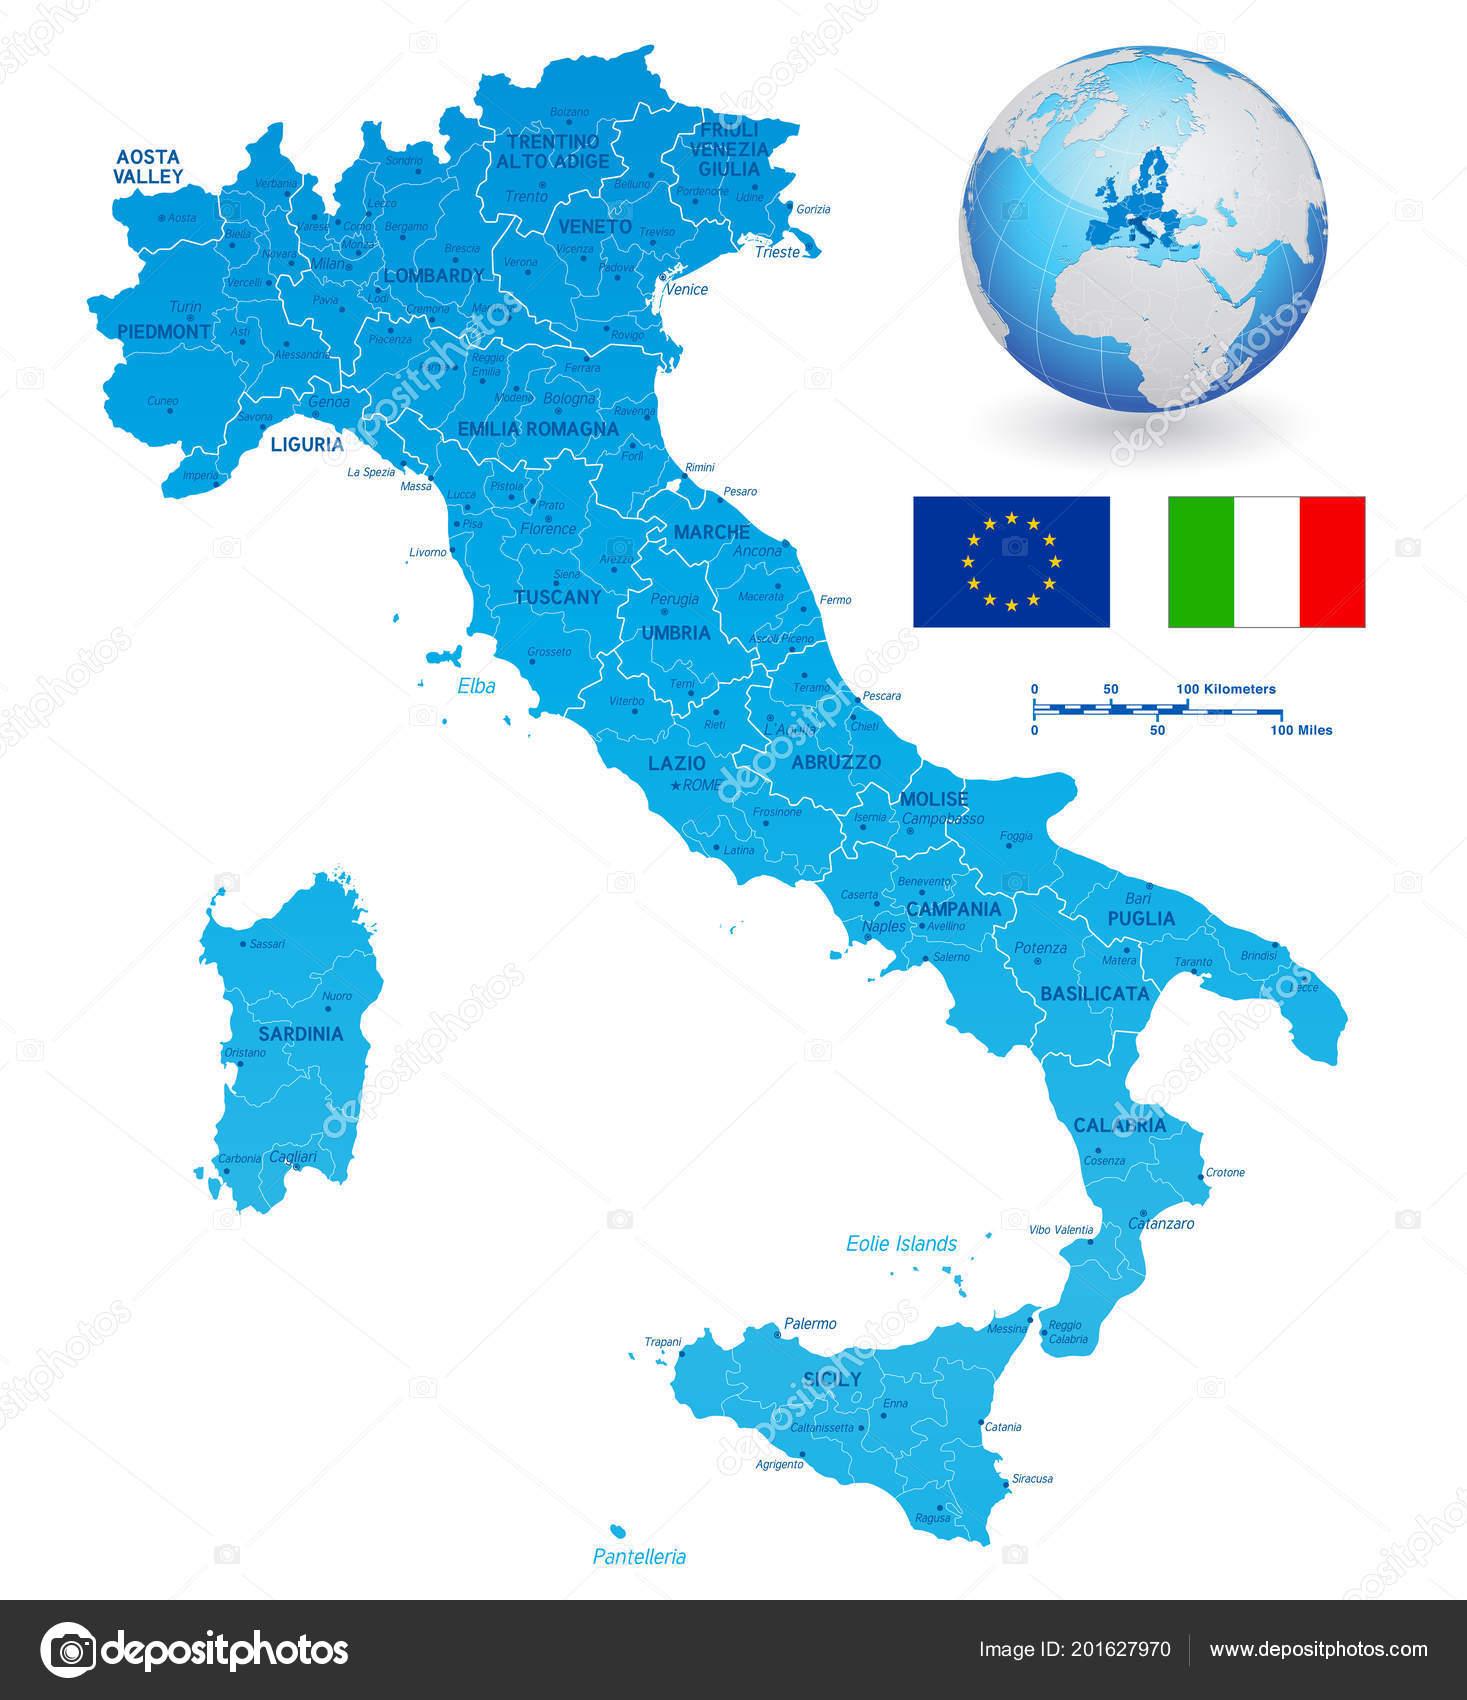 Cartina Politica Italia Alta Definizione.Cartina Italia Politica Vettori Stock Immagini Disegni Cartina Italia Politica Grafica Vettoriale Da Depositphotos